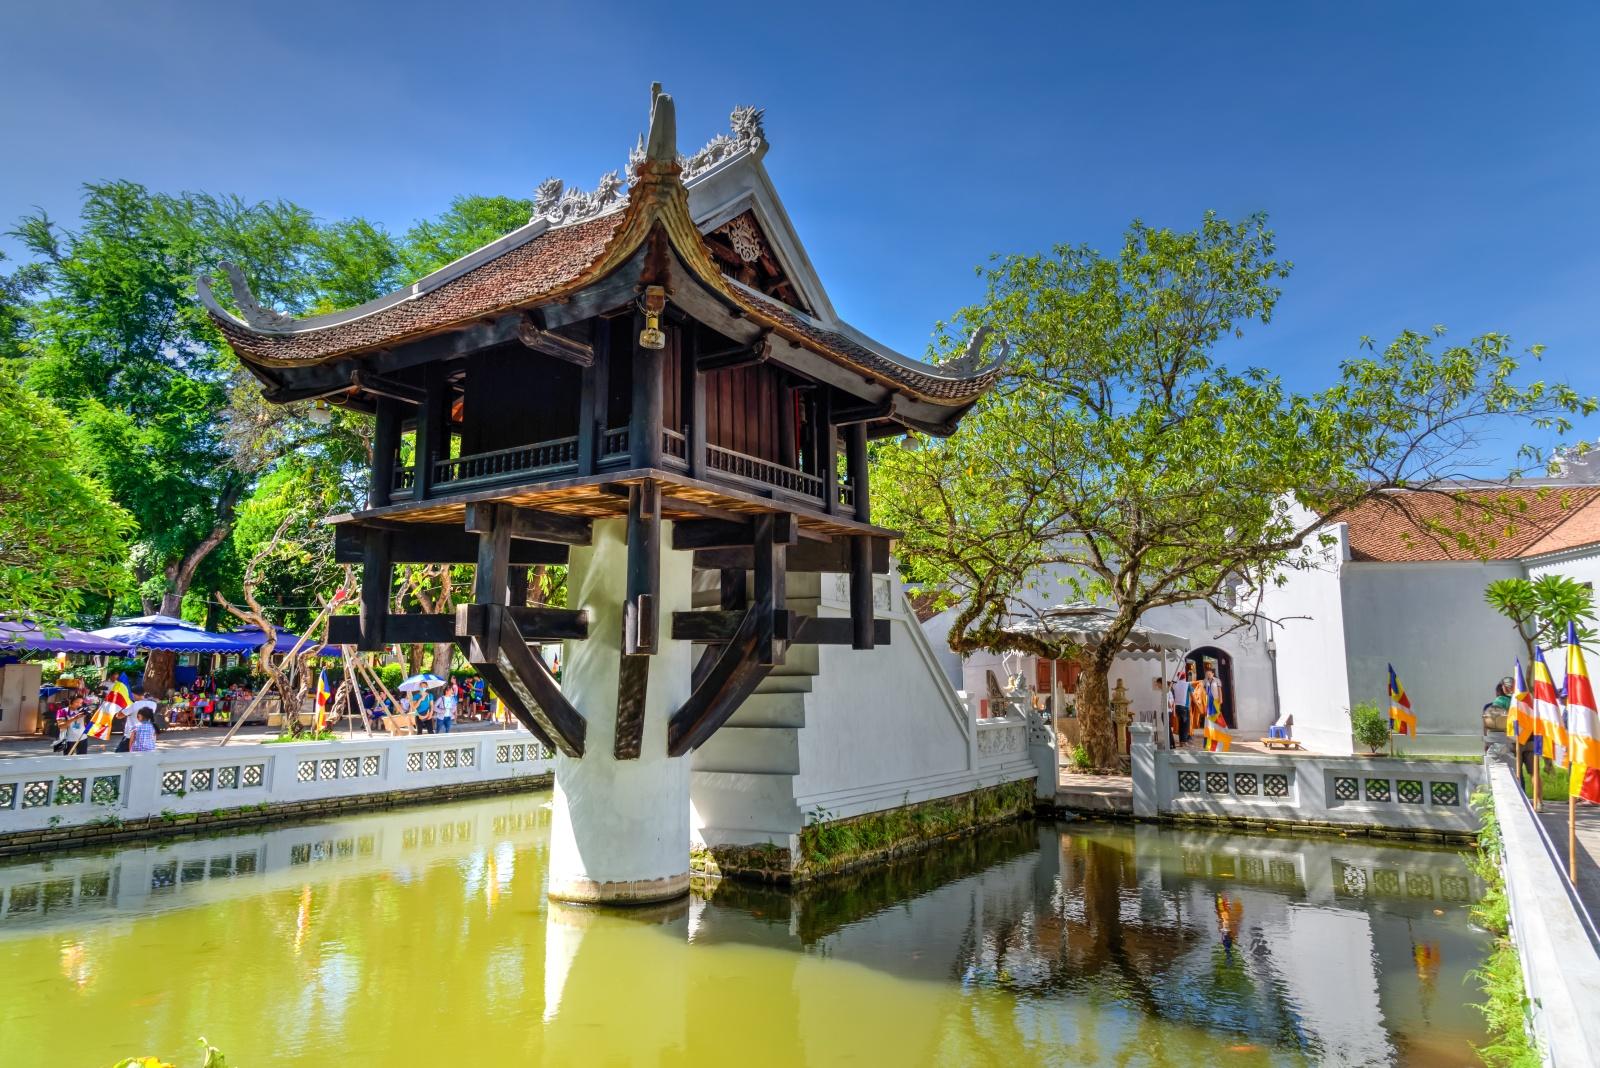 3. One Pillar Pagoda